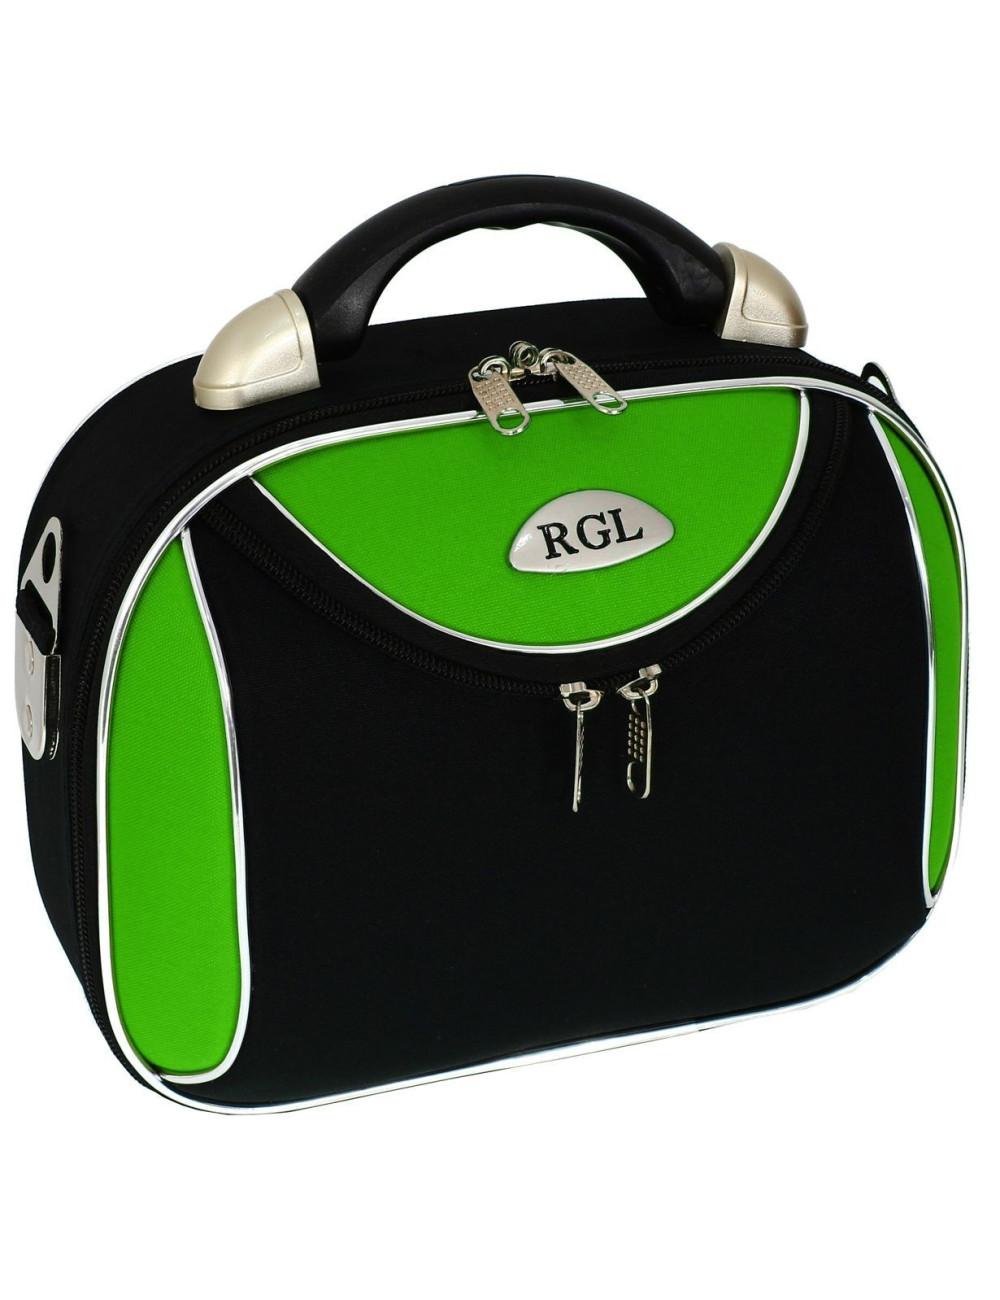 Średni kuferek podróżny kosmetyczka 773 XL - zielono-czarny